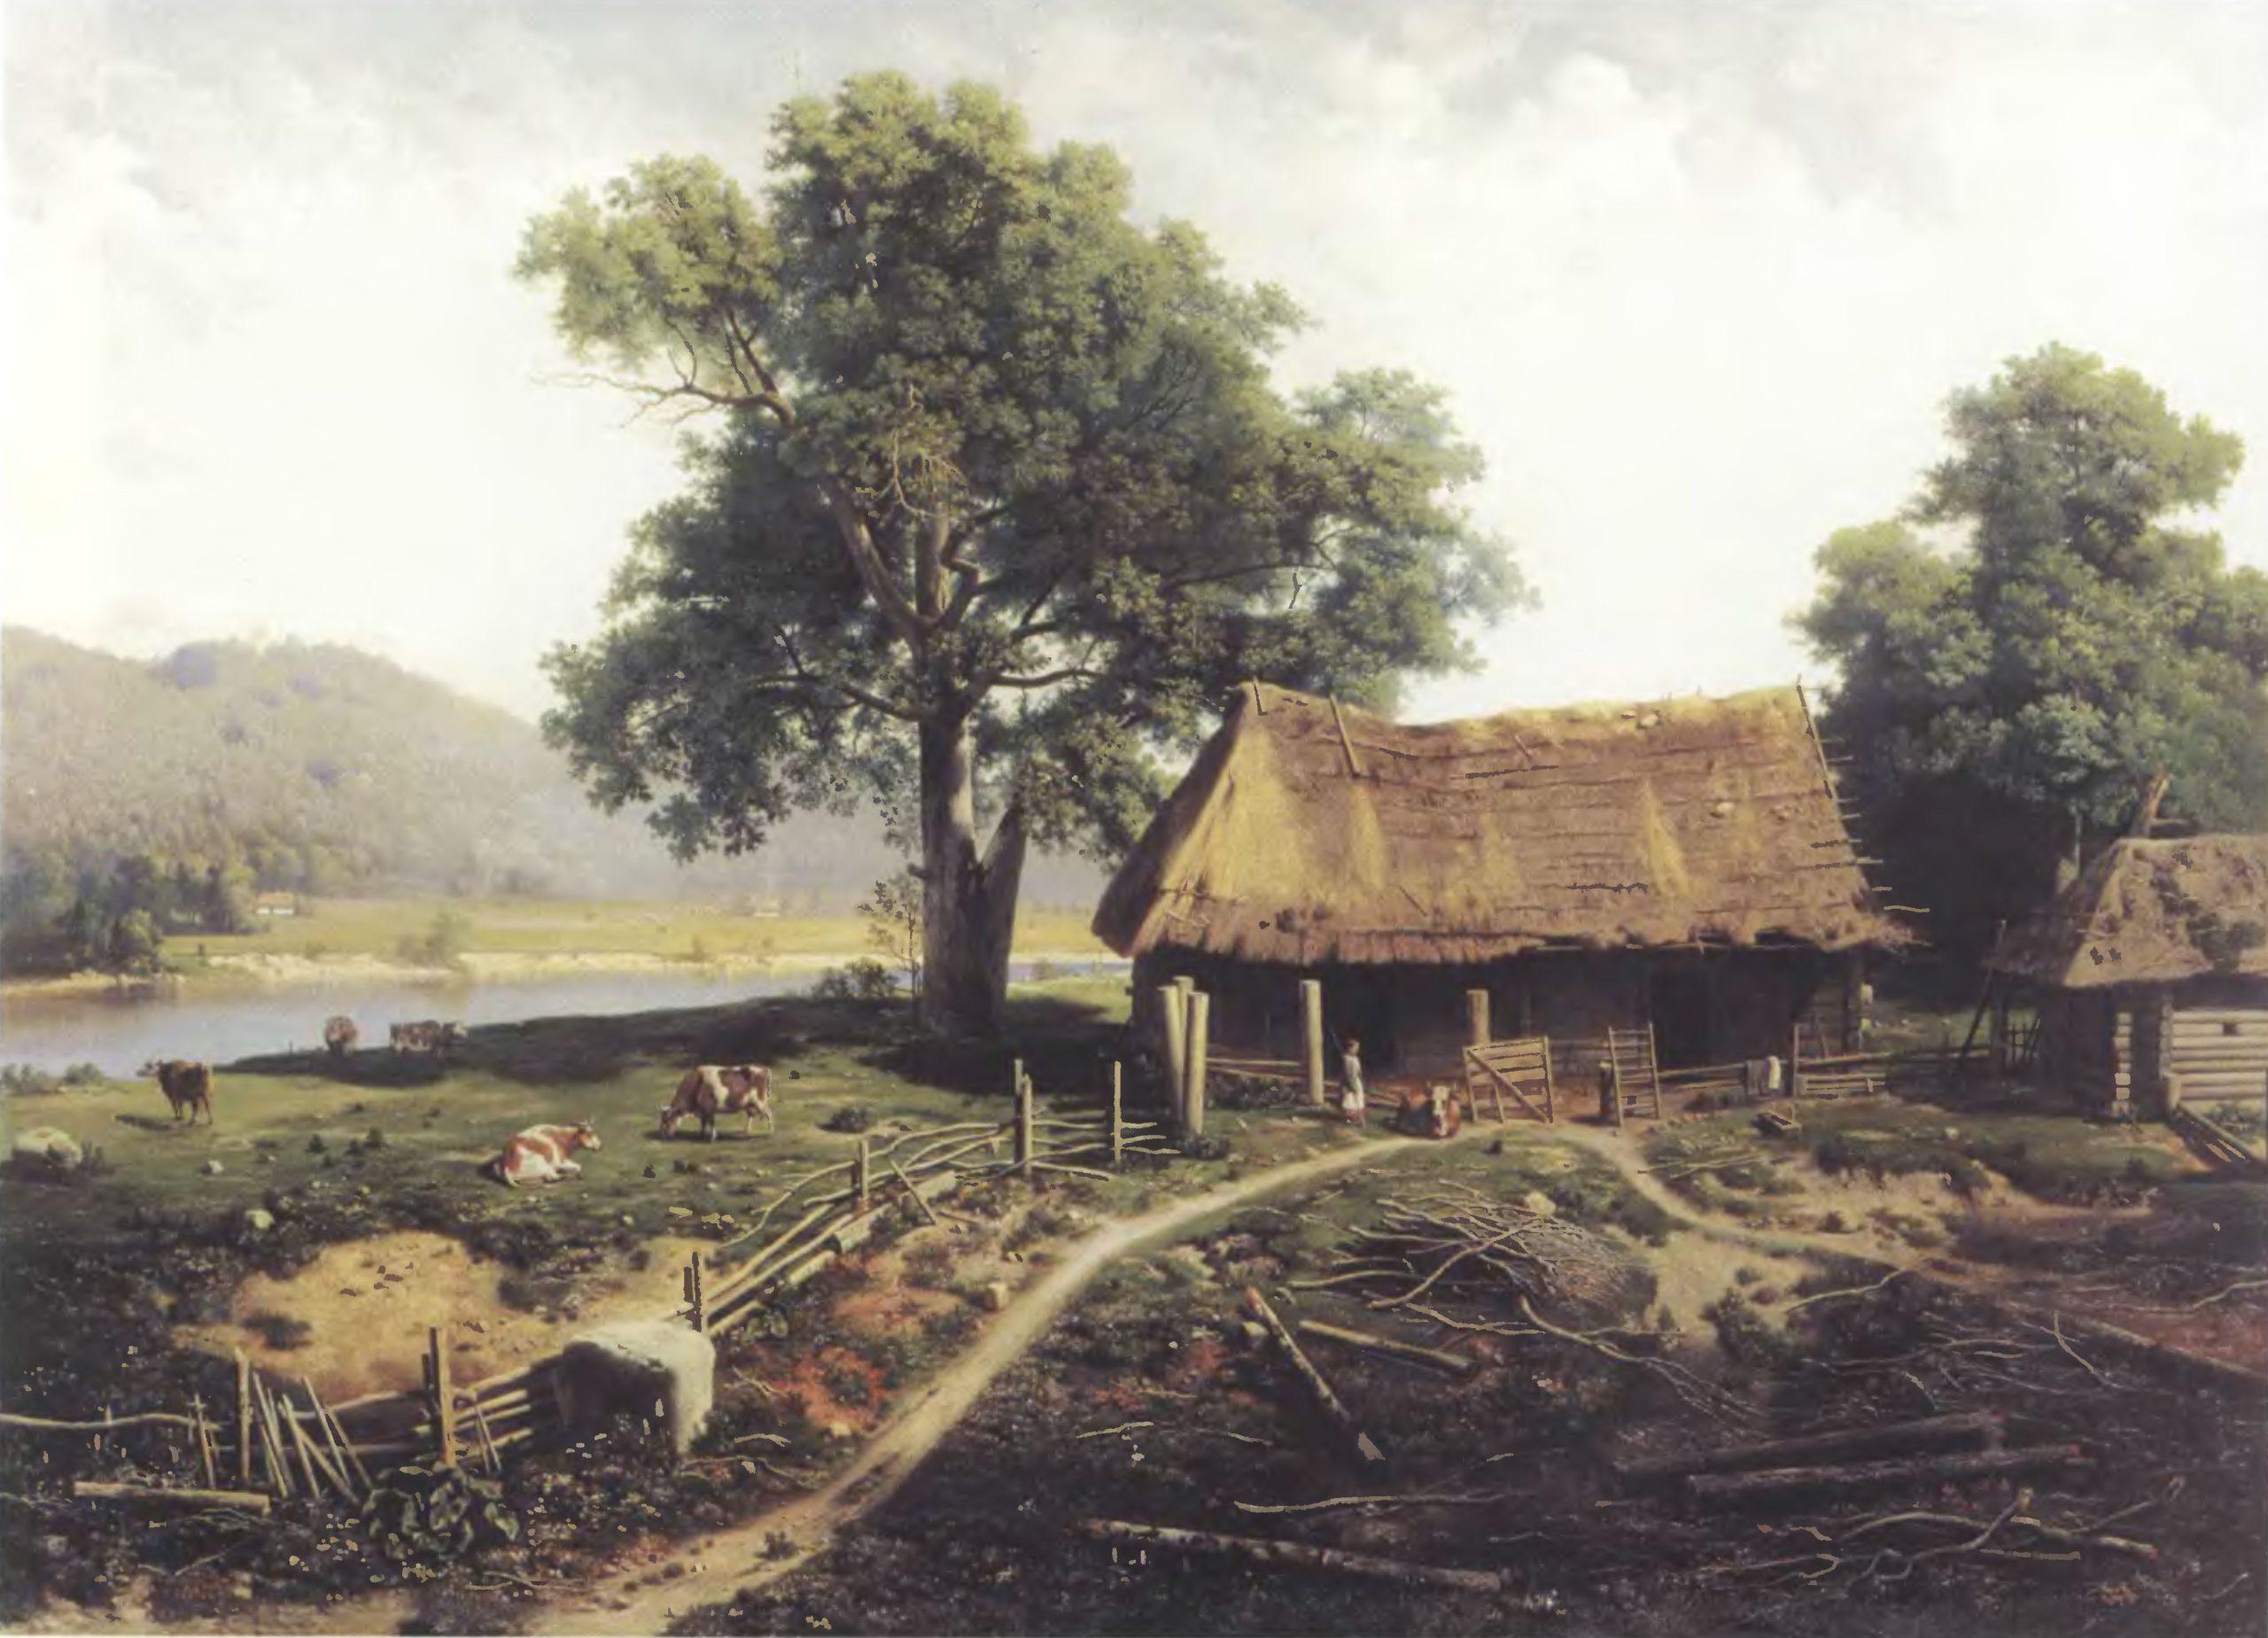 МИХАИЛ КЛОДТ. Вид на острове Валааме. 1875. Холст, масло. Томский областной художественный музей